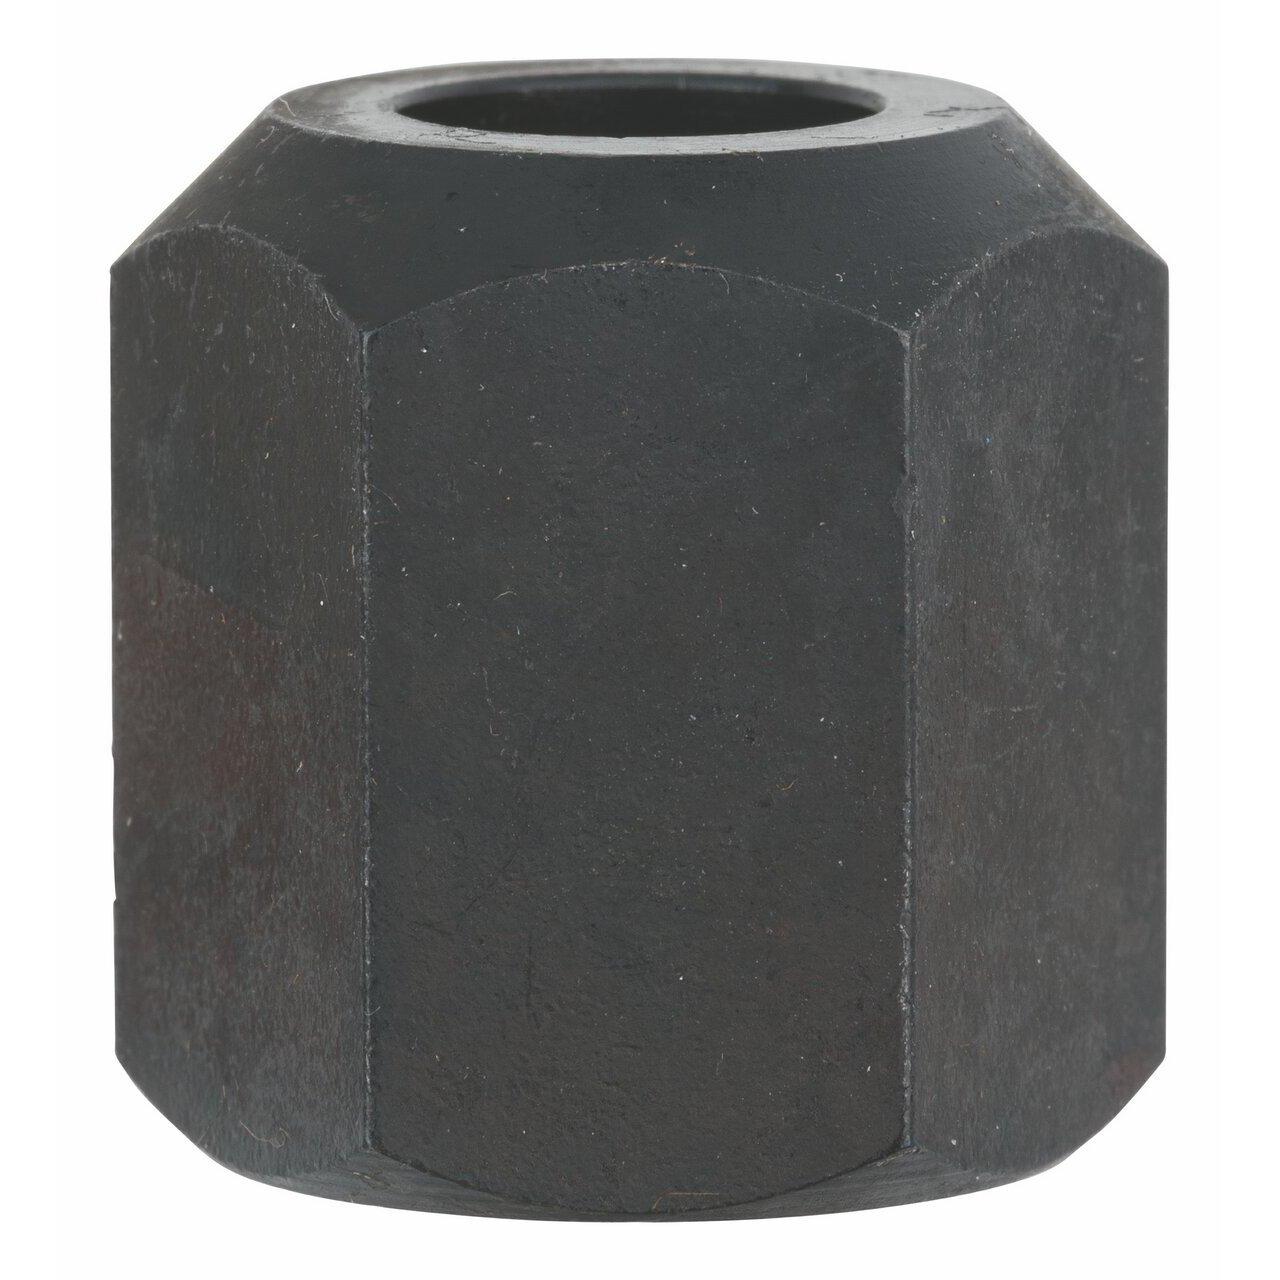 Bosch Zubehö r 2 608 570 102 Spannzange 8 mm, 19 mm 2608570102